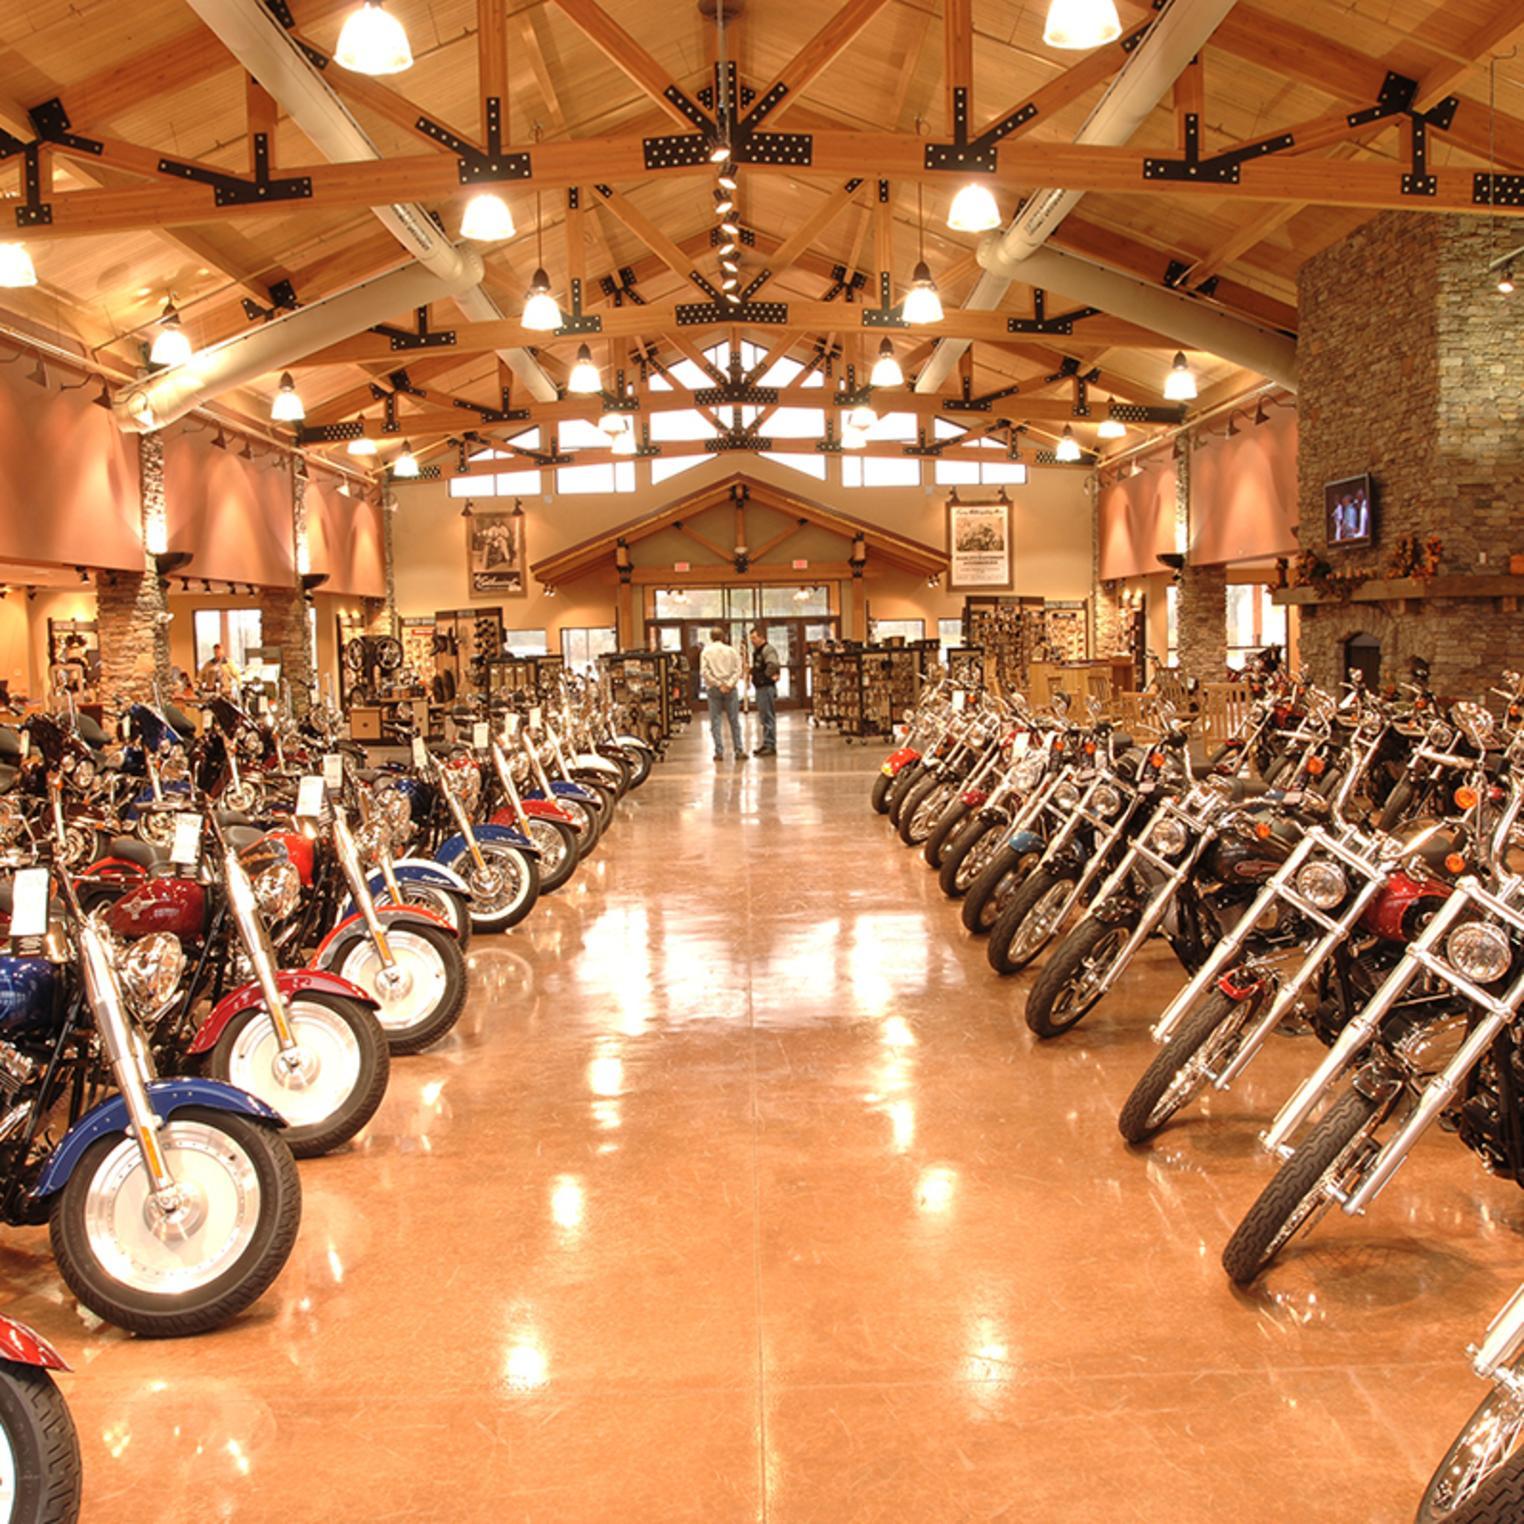 Appalachian Harley Davidson